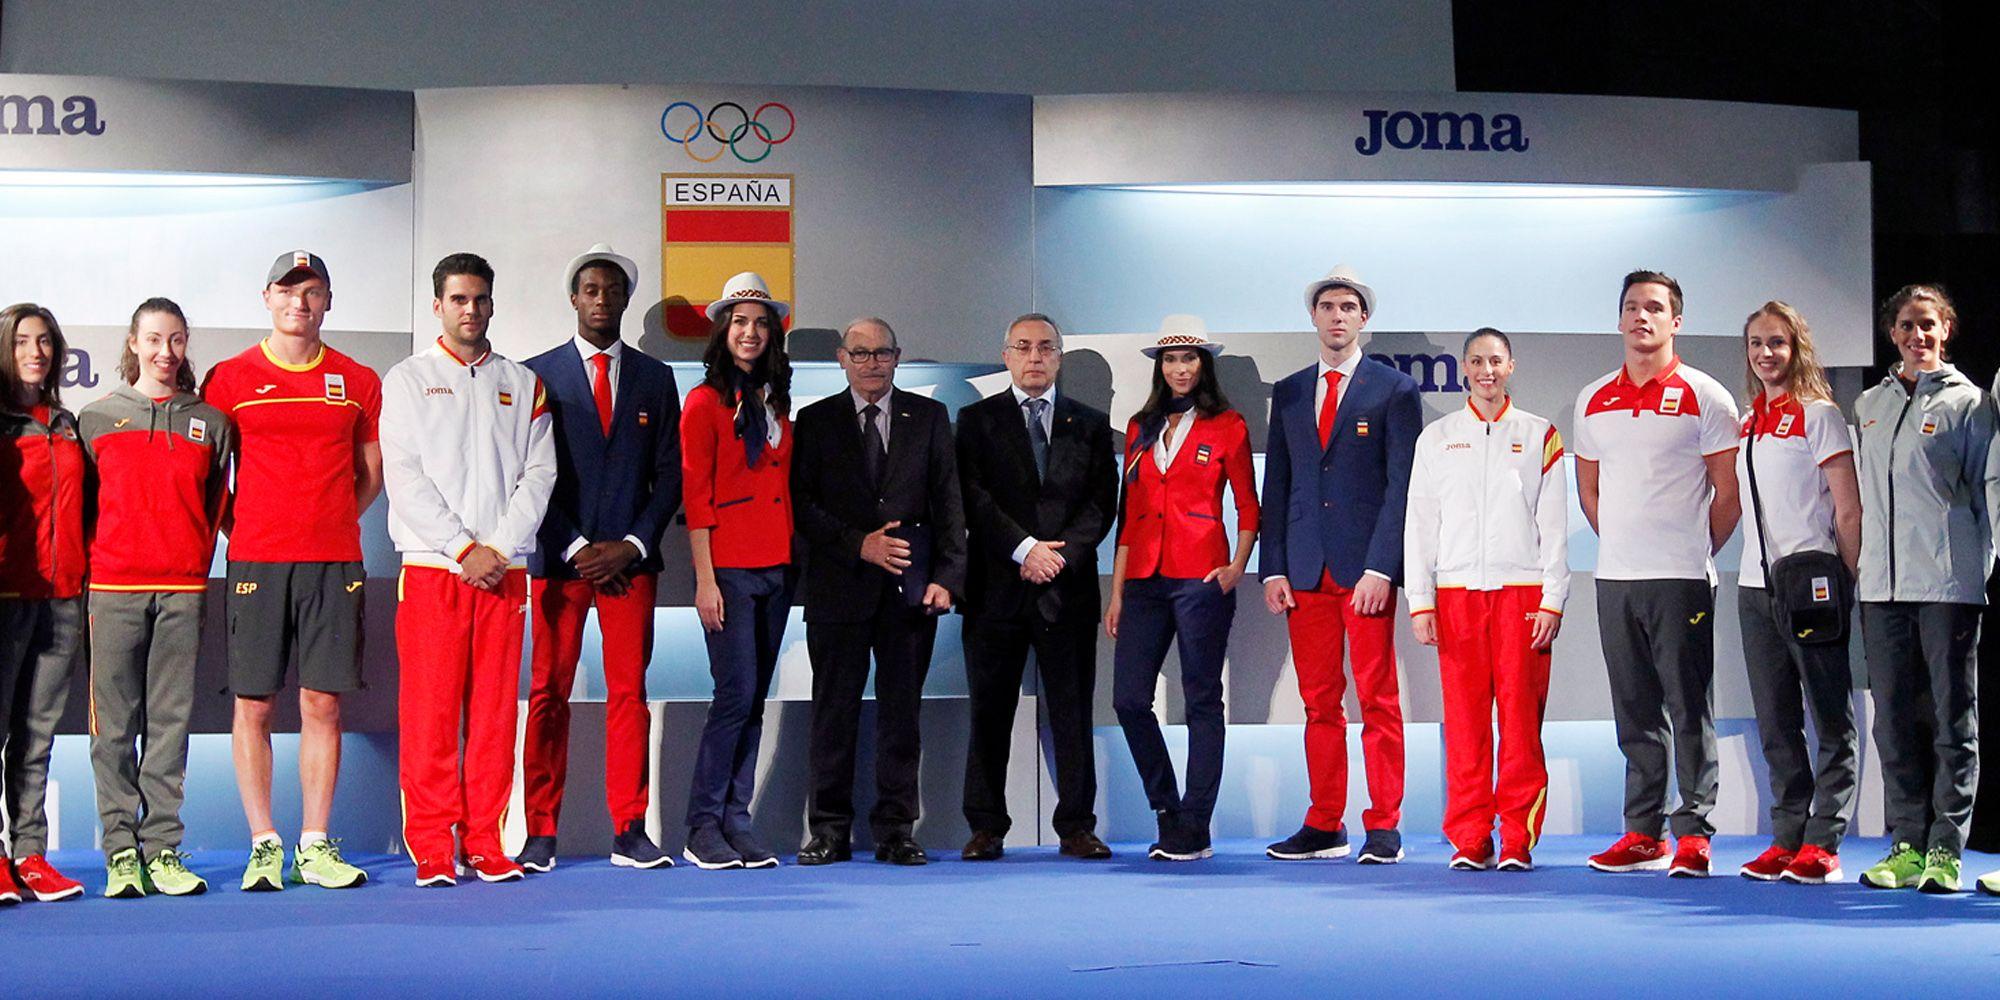 coe-atletas-deportistas